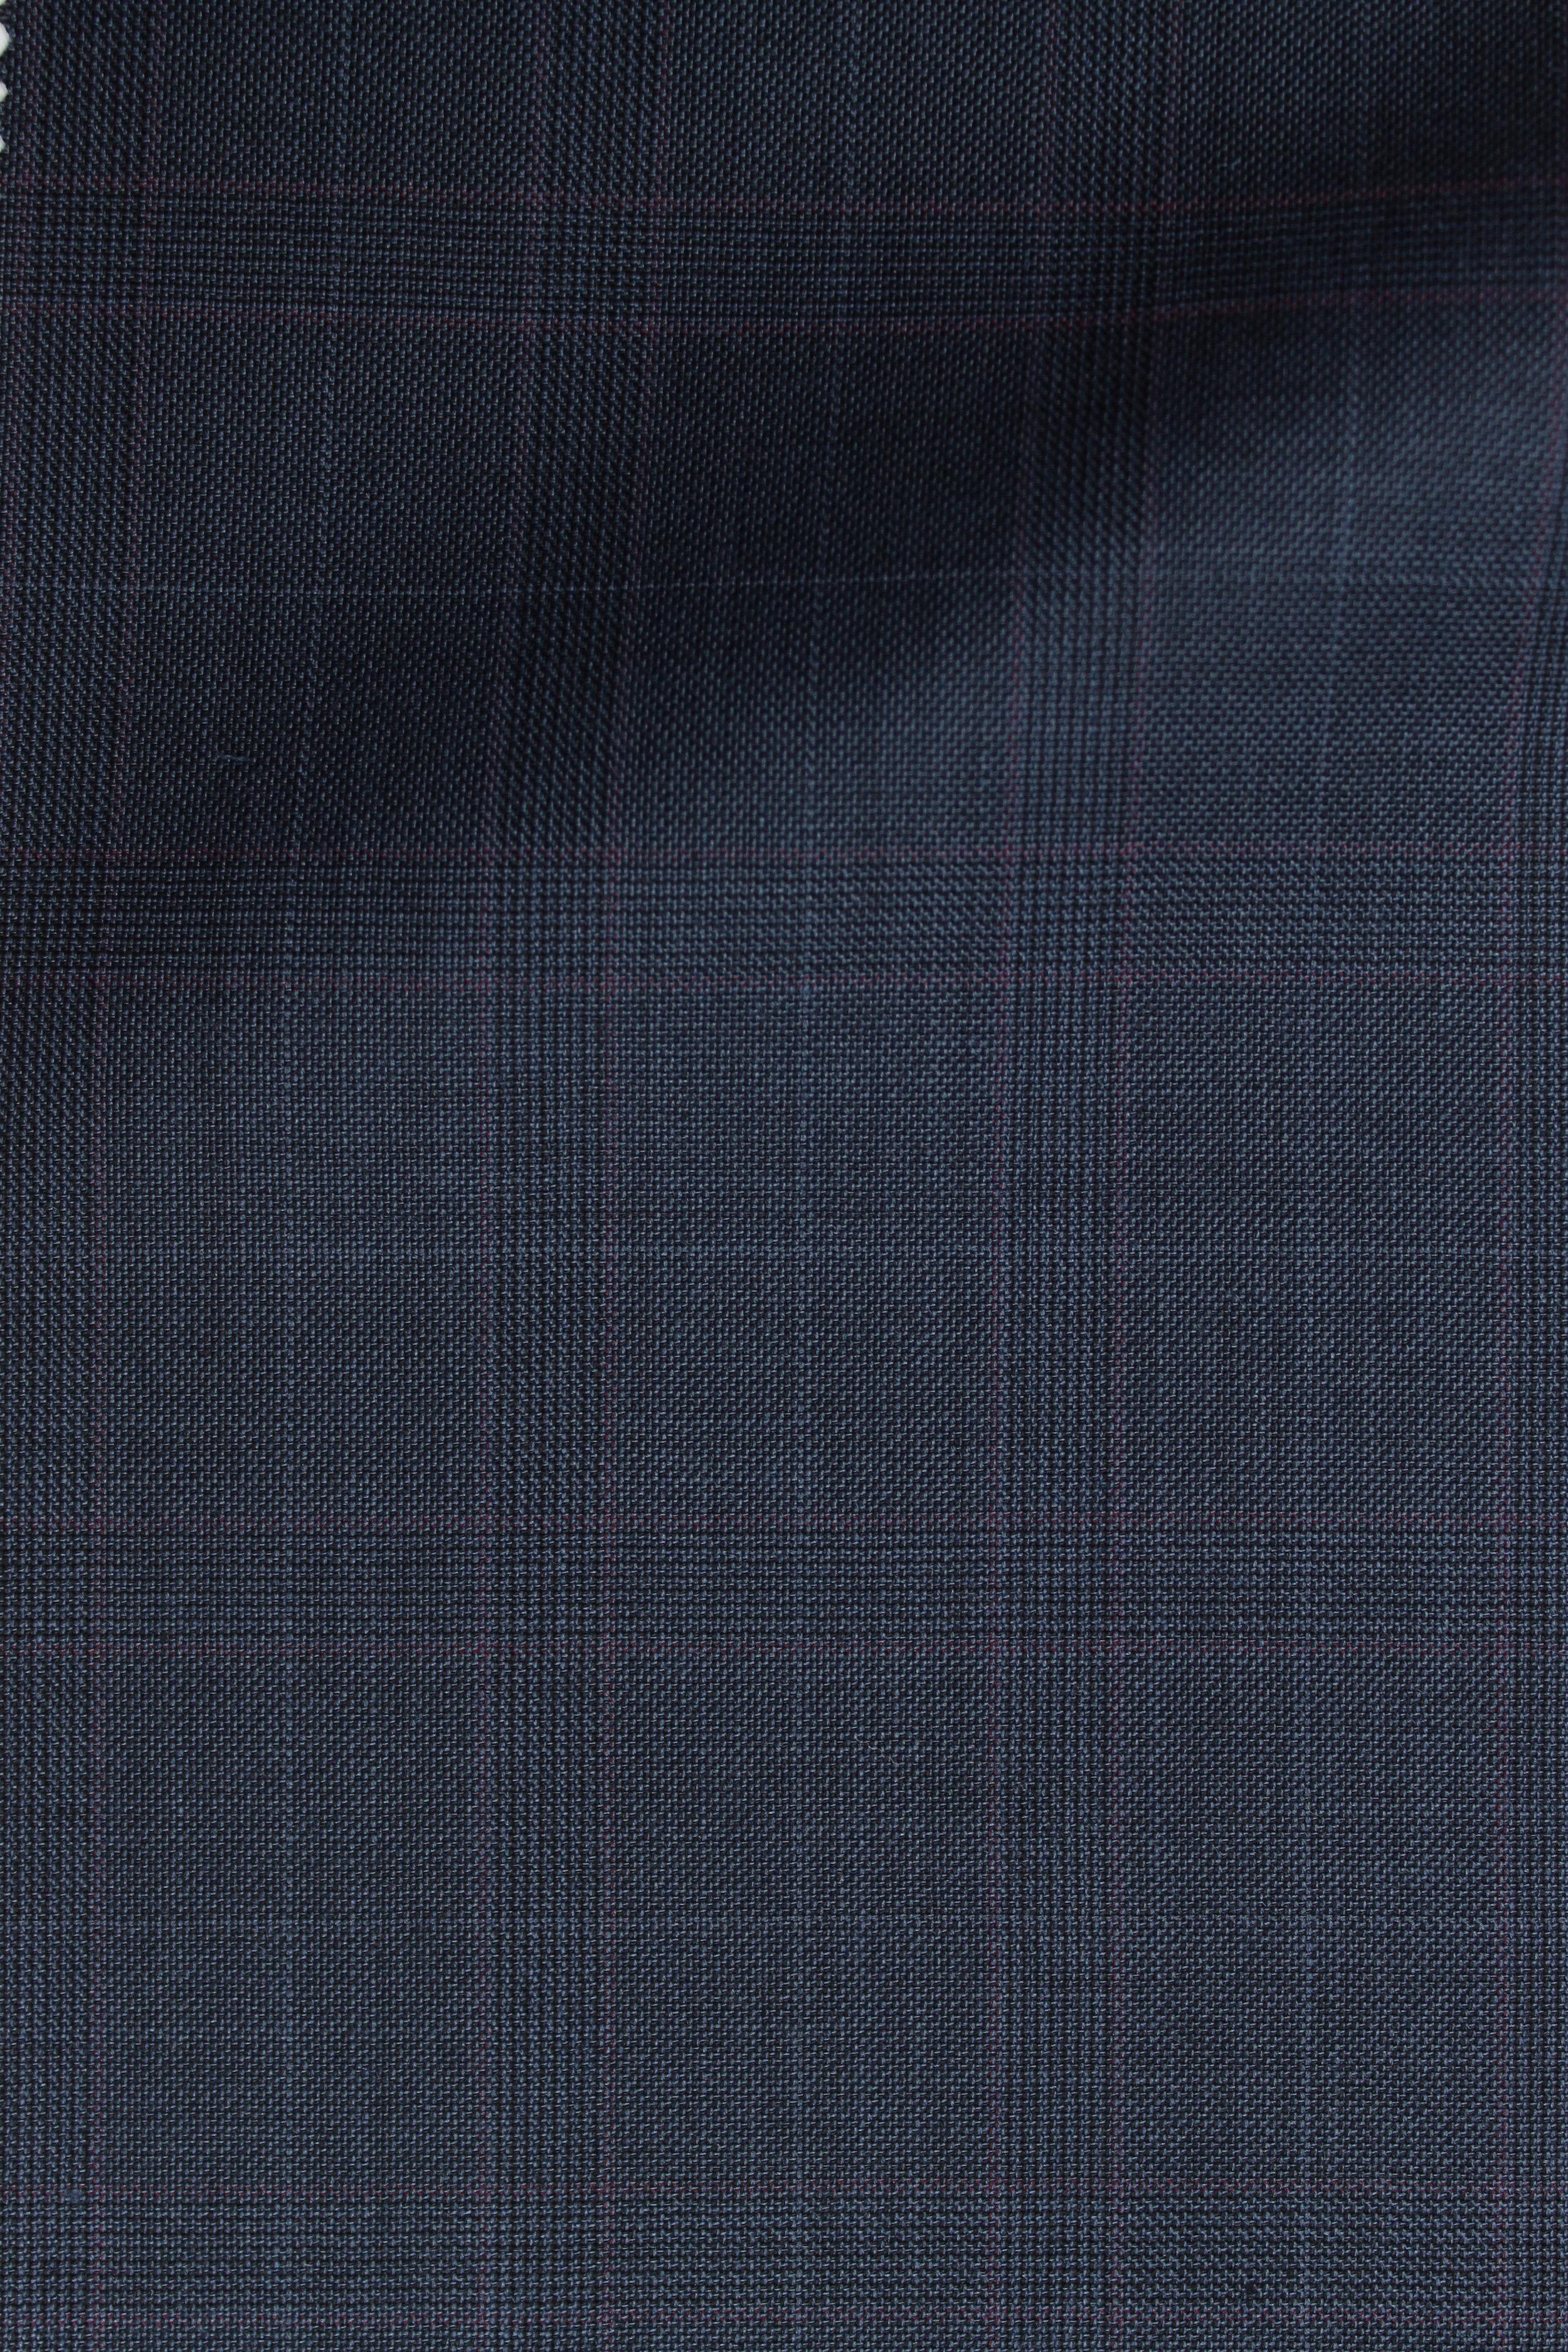 7558 Blue Glencheck Overpane 270g.JPG